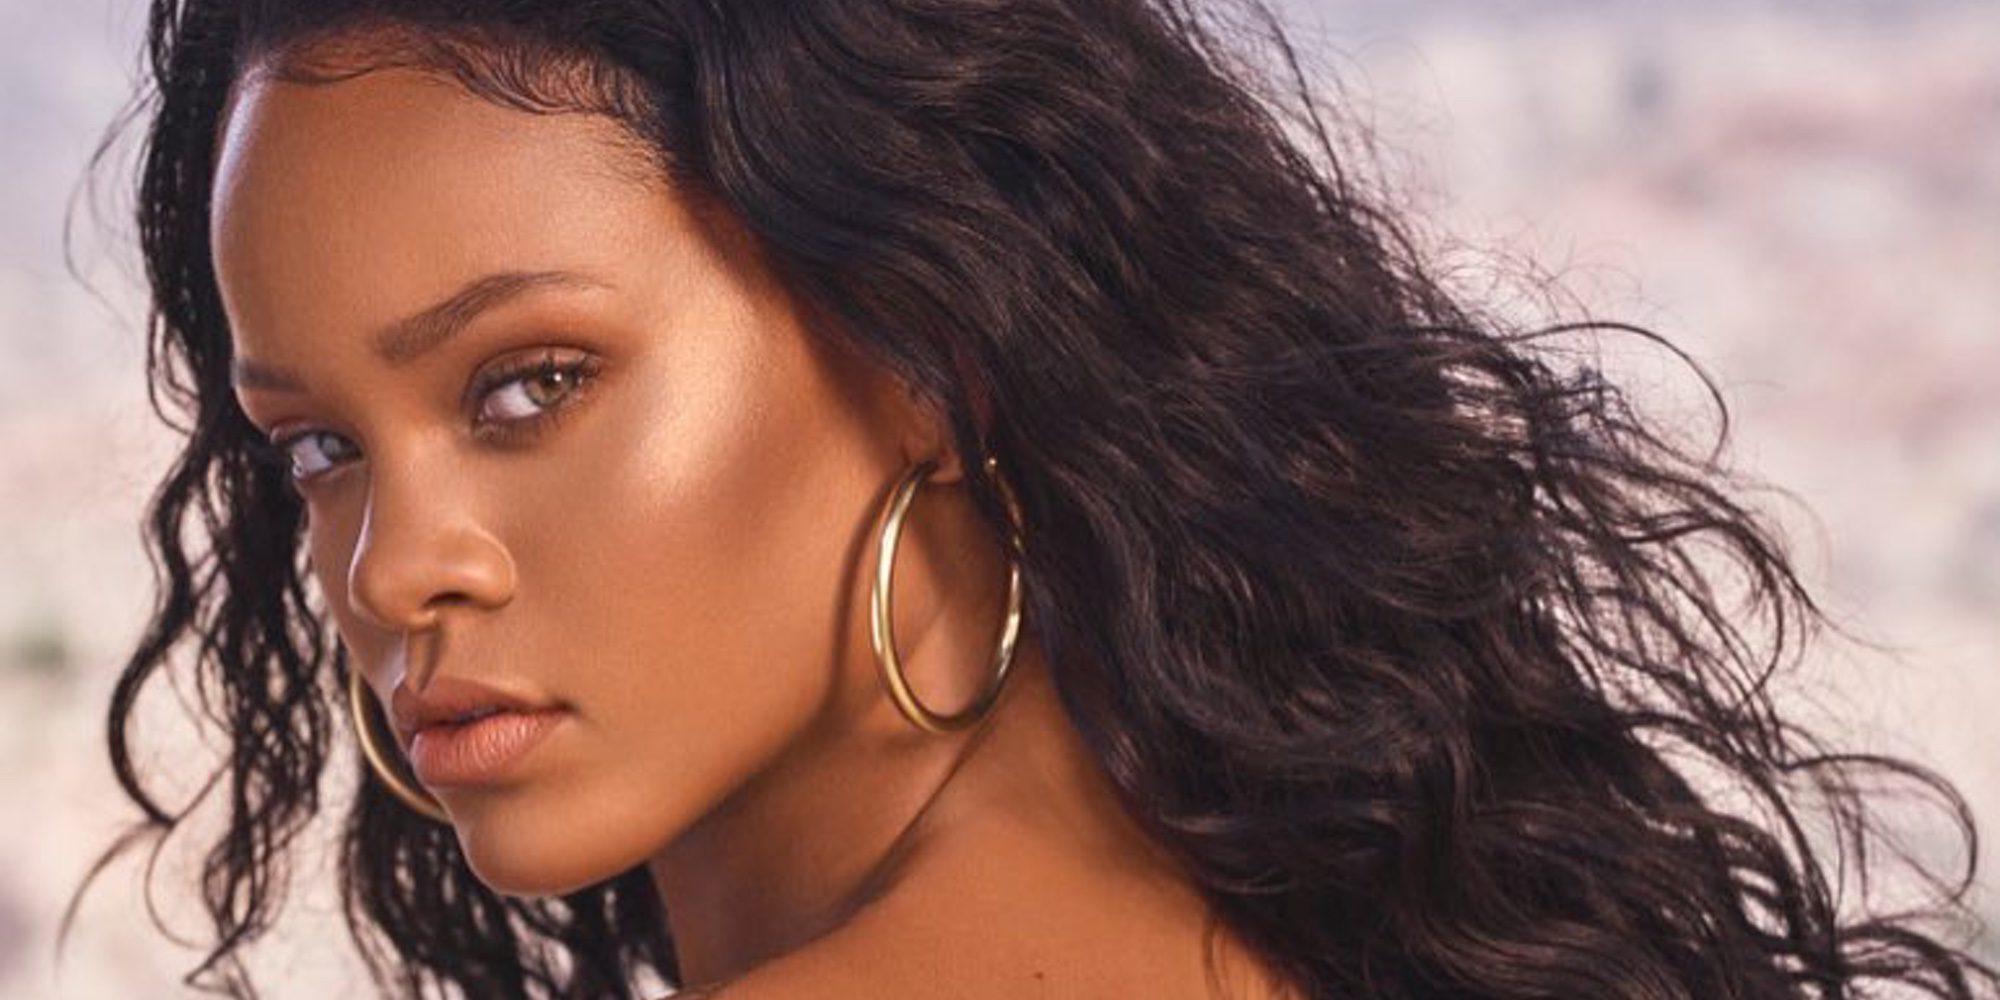 Rihanna comparte un vídeo de su primo fallecido para concienciar sobre el mal uso de las armas